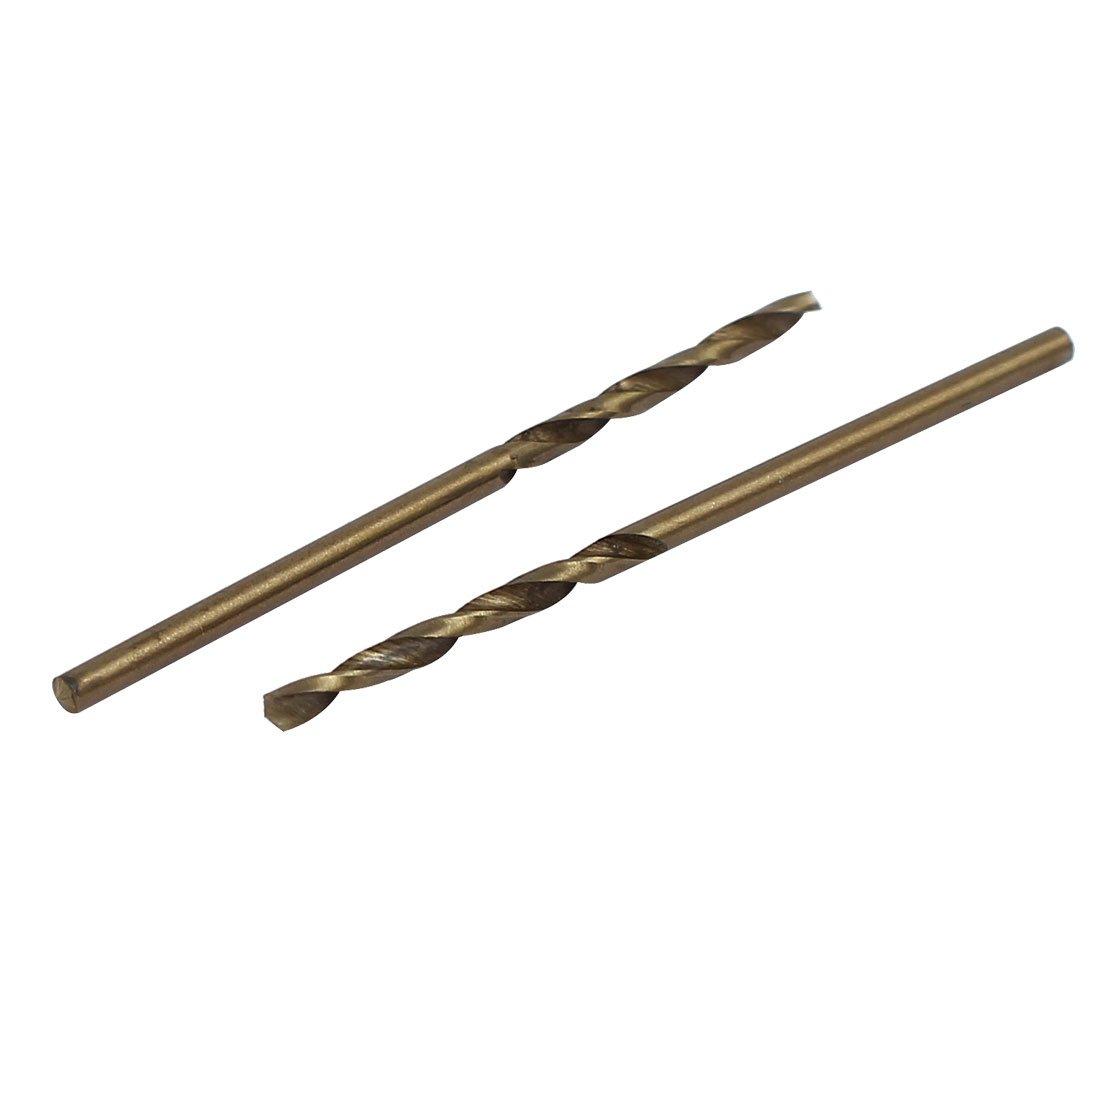 uxcell 1.7mm Dia Split Point HSS Cobalt Metric Twist Drill Bit Drilling Tool 10pcs